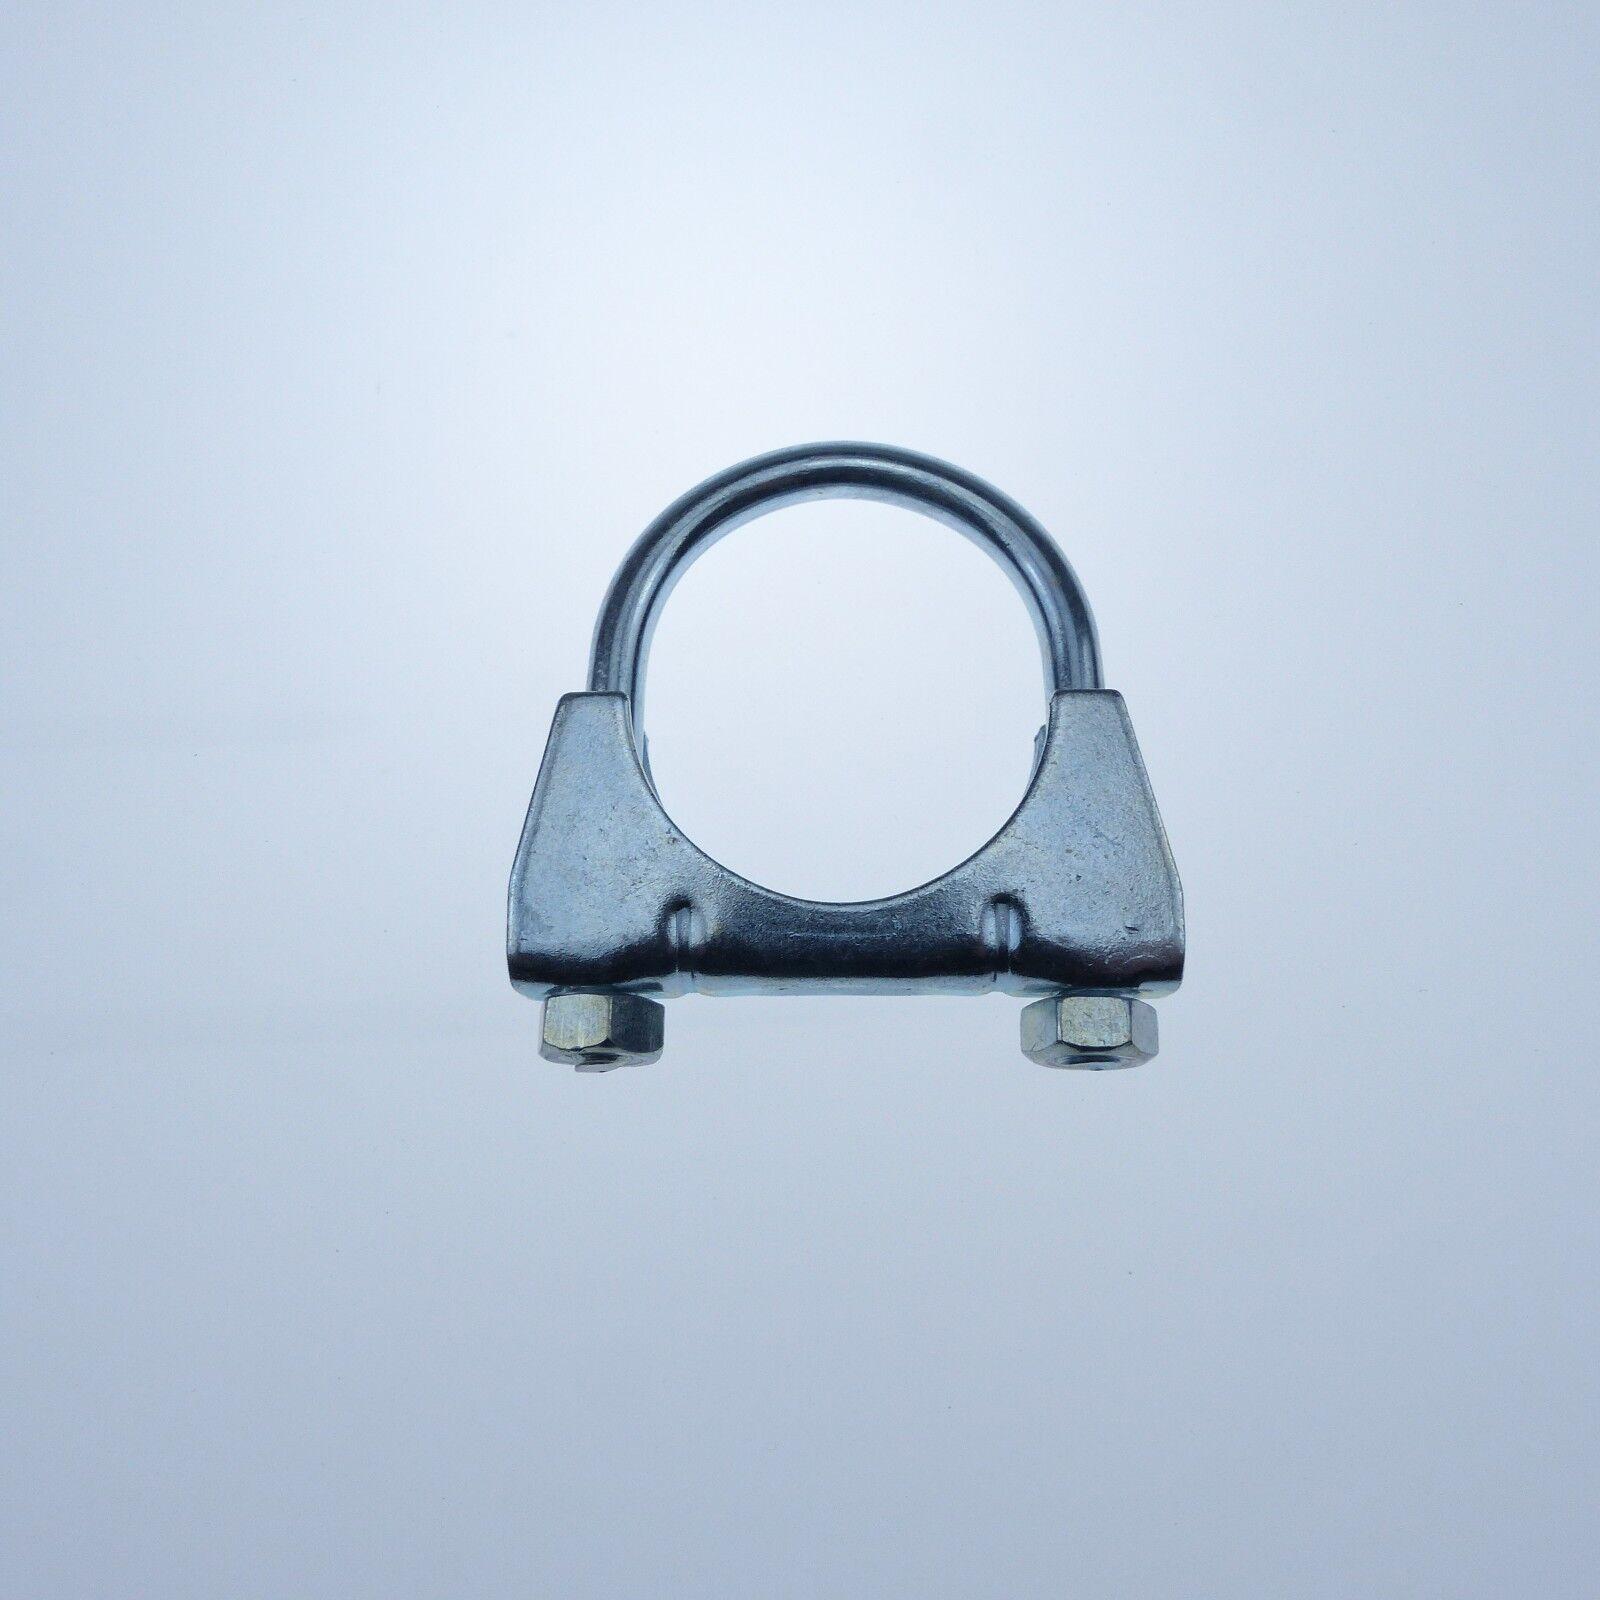 Auspuffschelle Bügelschelle M10 x 60 mm 3 Stk Schelle